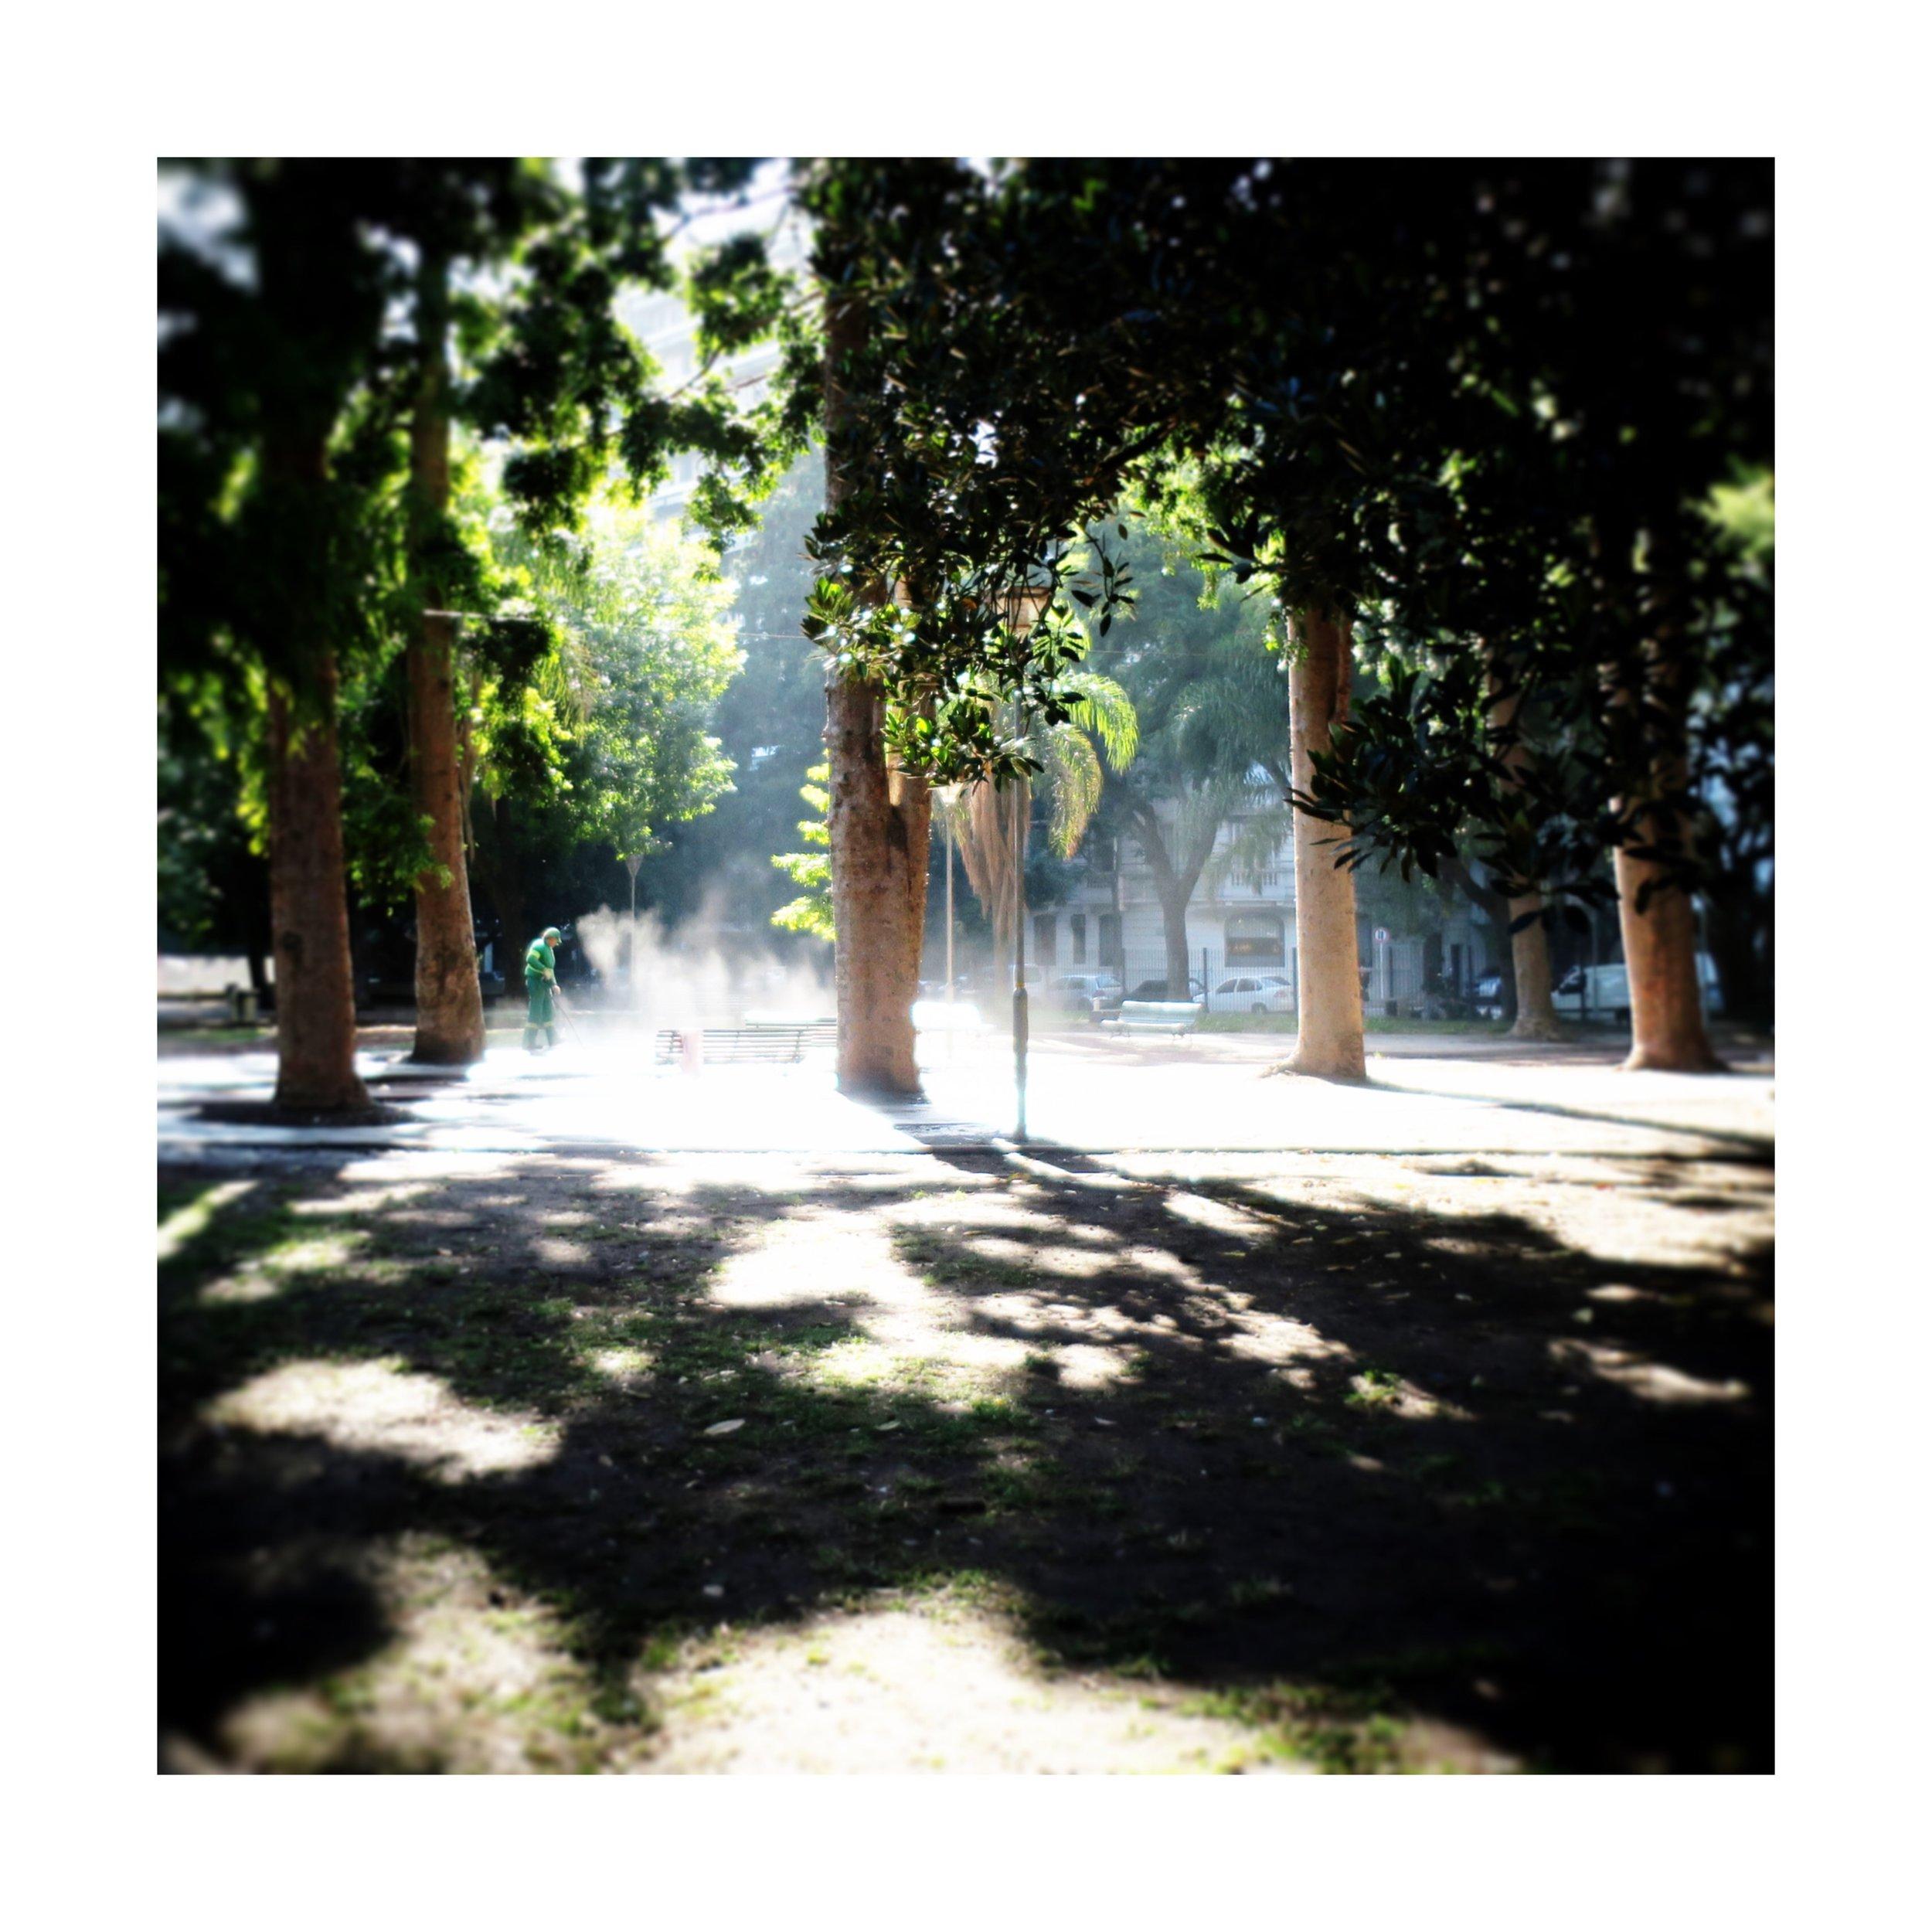 5 f.jpg